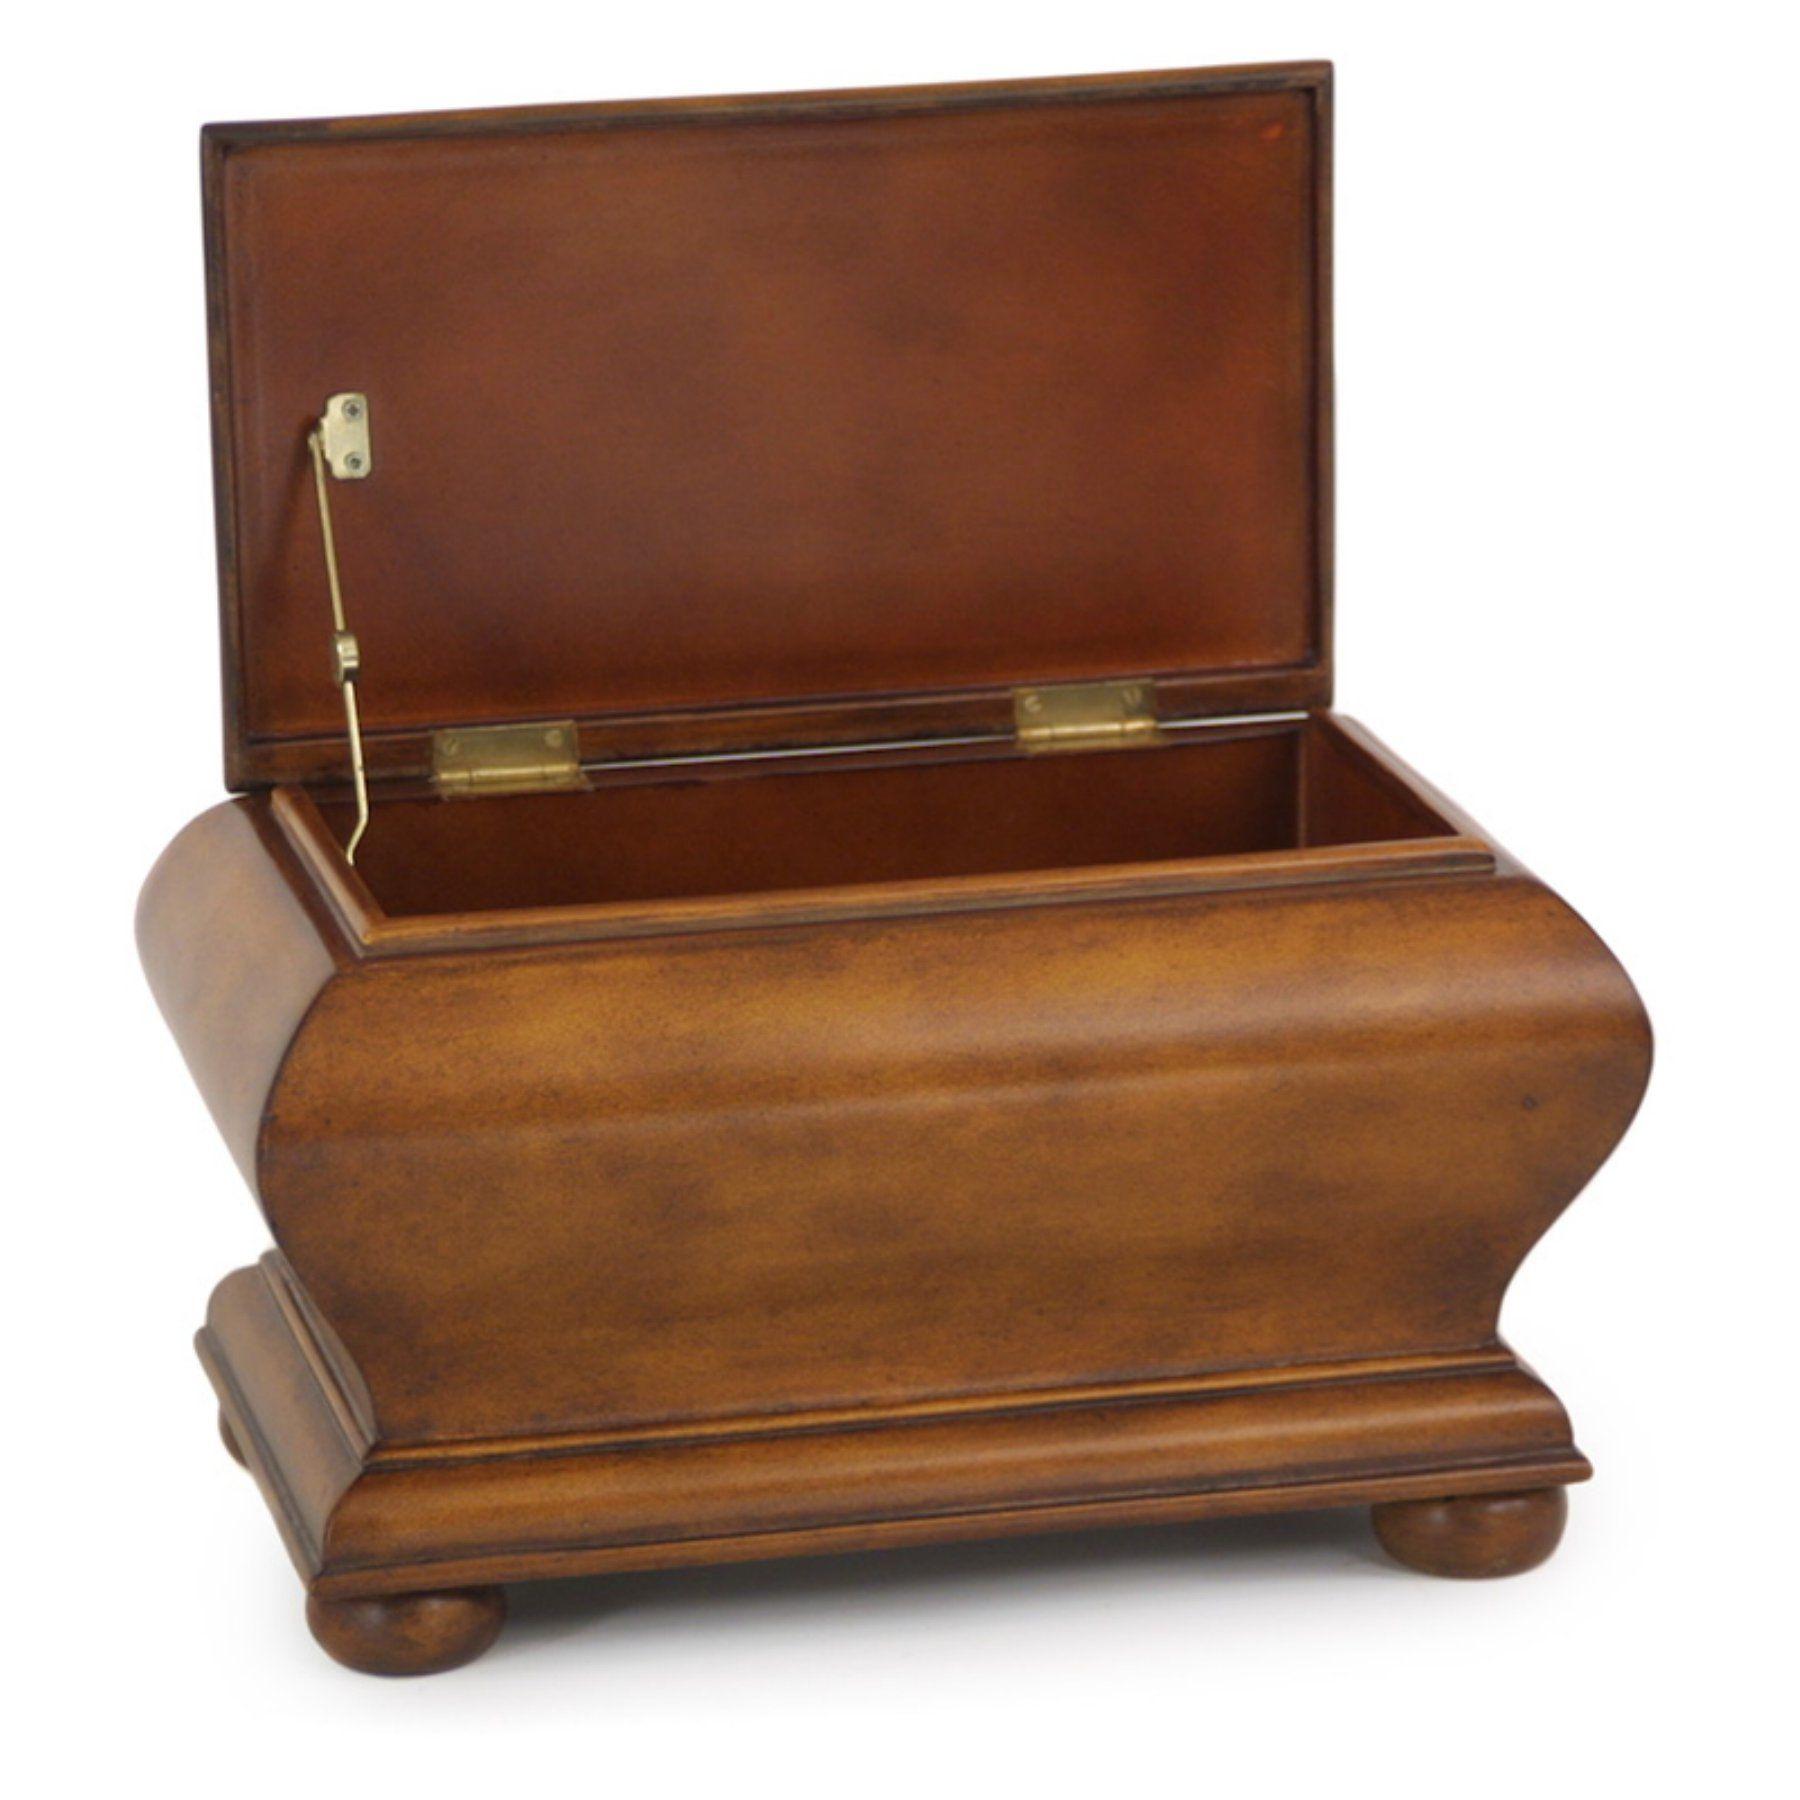 distinctive designs furniture. Distinctive Designs Faux Leather Bombe Decorative Box - DB-500 Furniture S